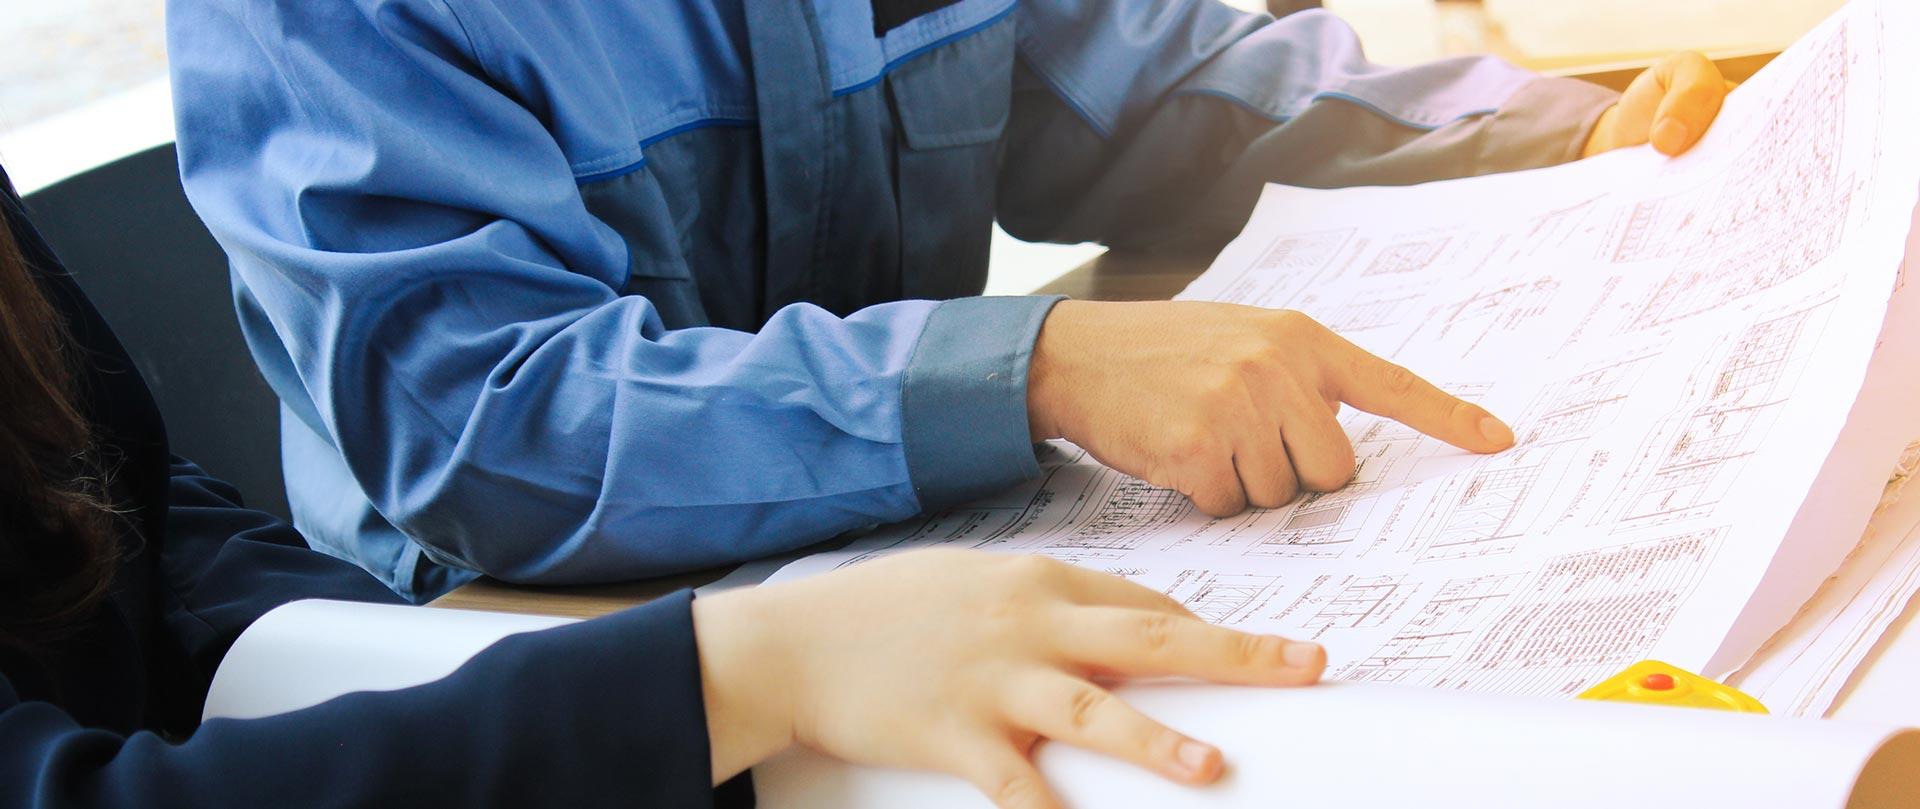 Pörner Planung und Einreichung